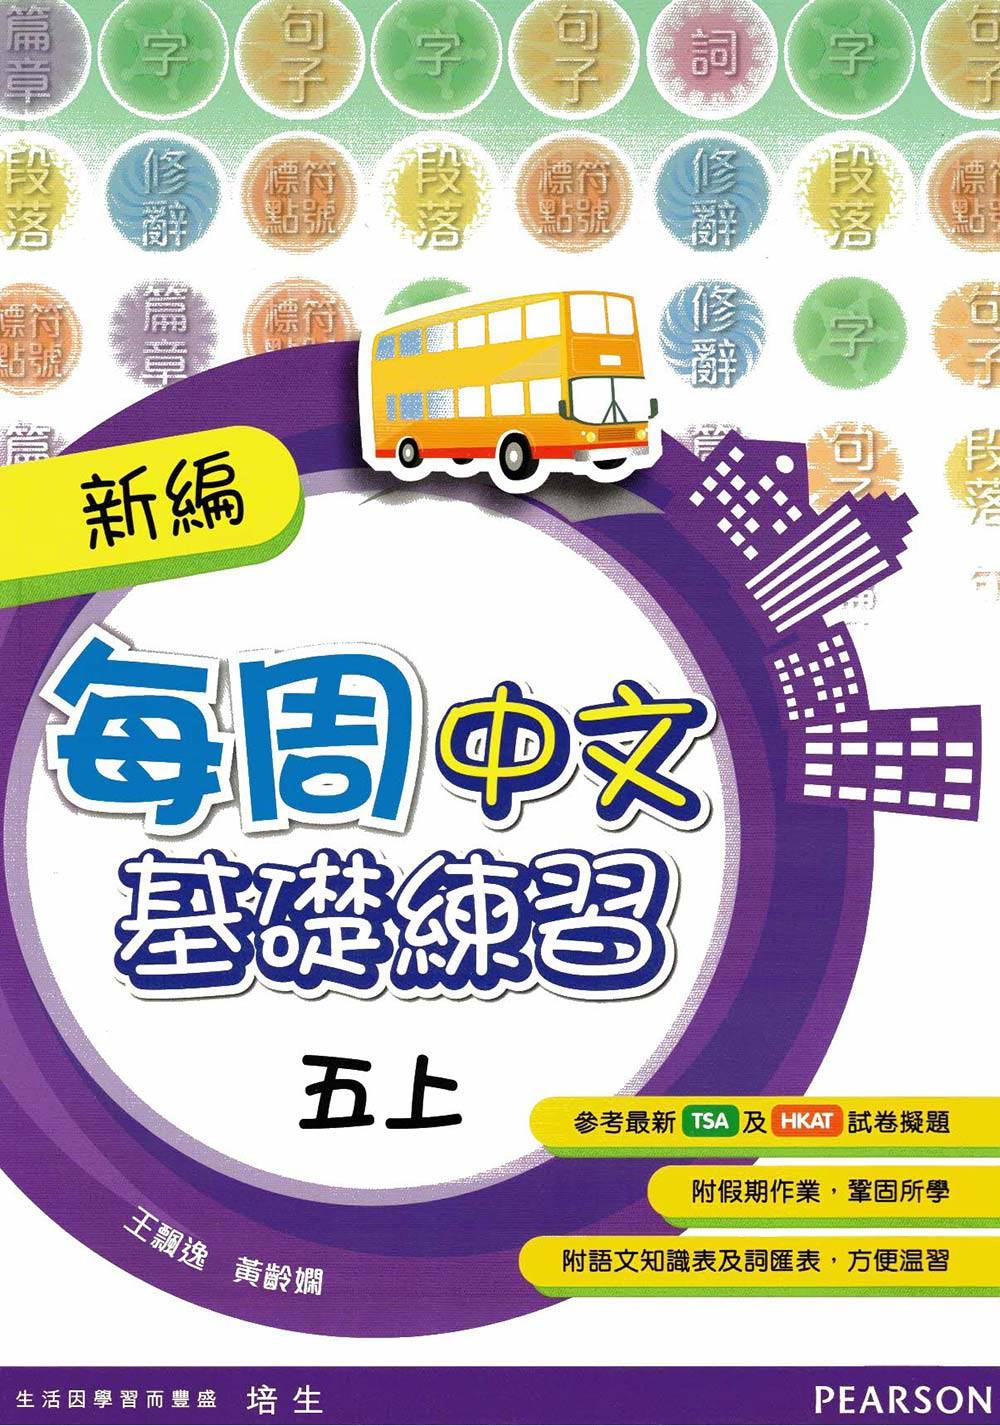 新編每週中文基礎練習五上